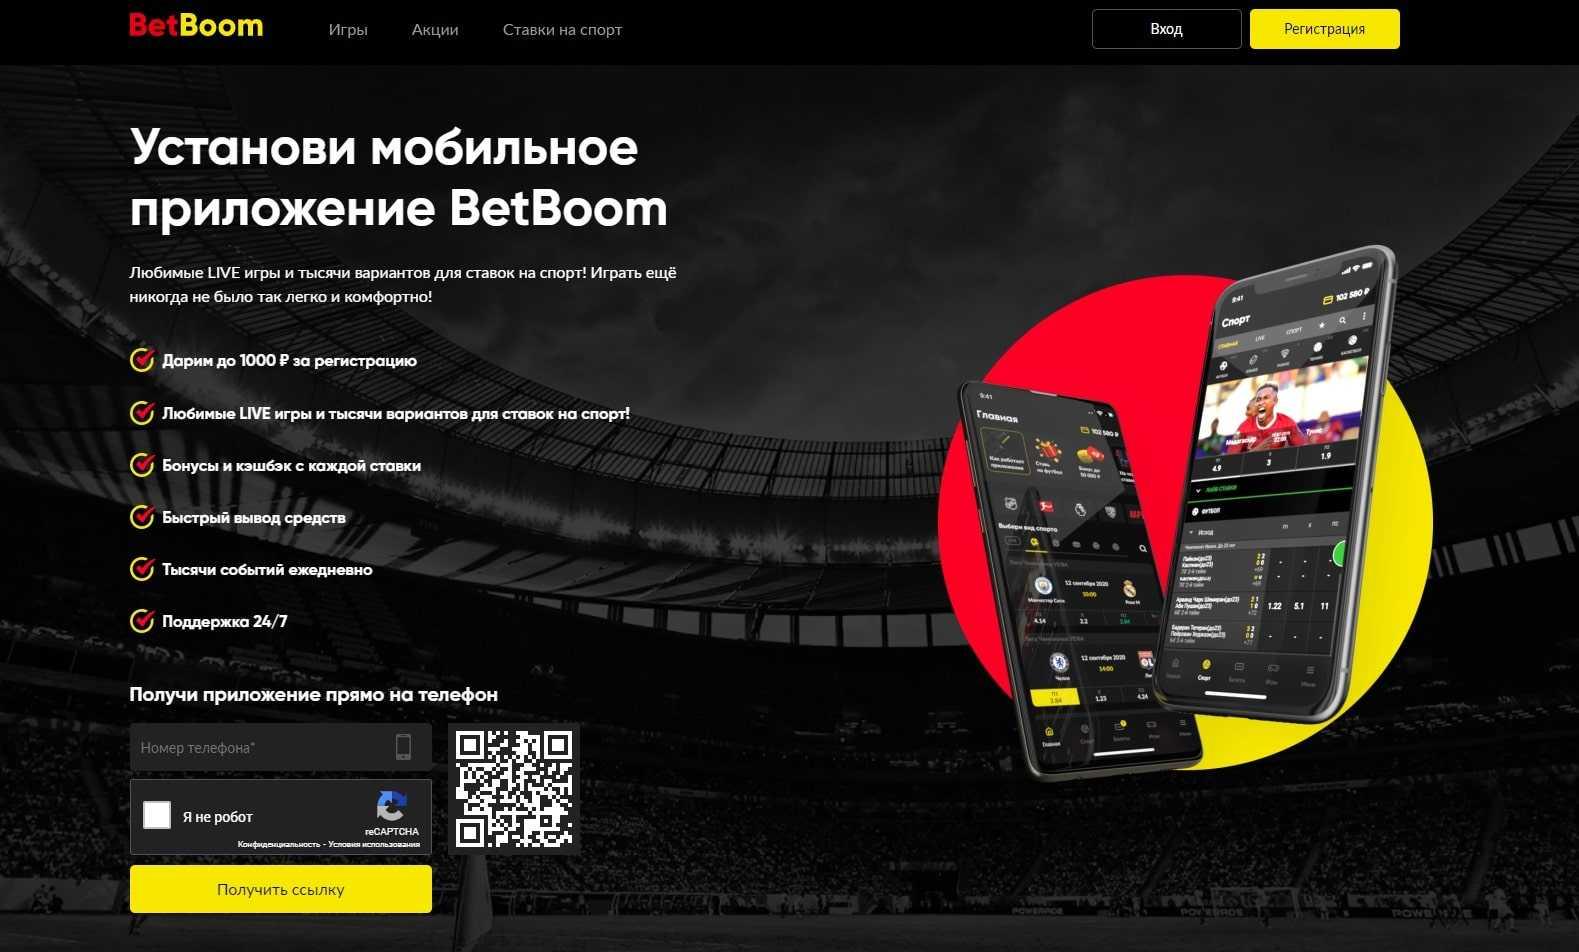 Авторизация через мобильное приложение бетбум